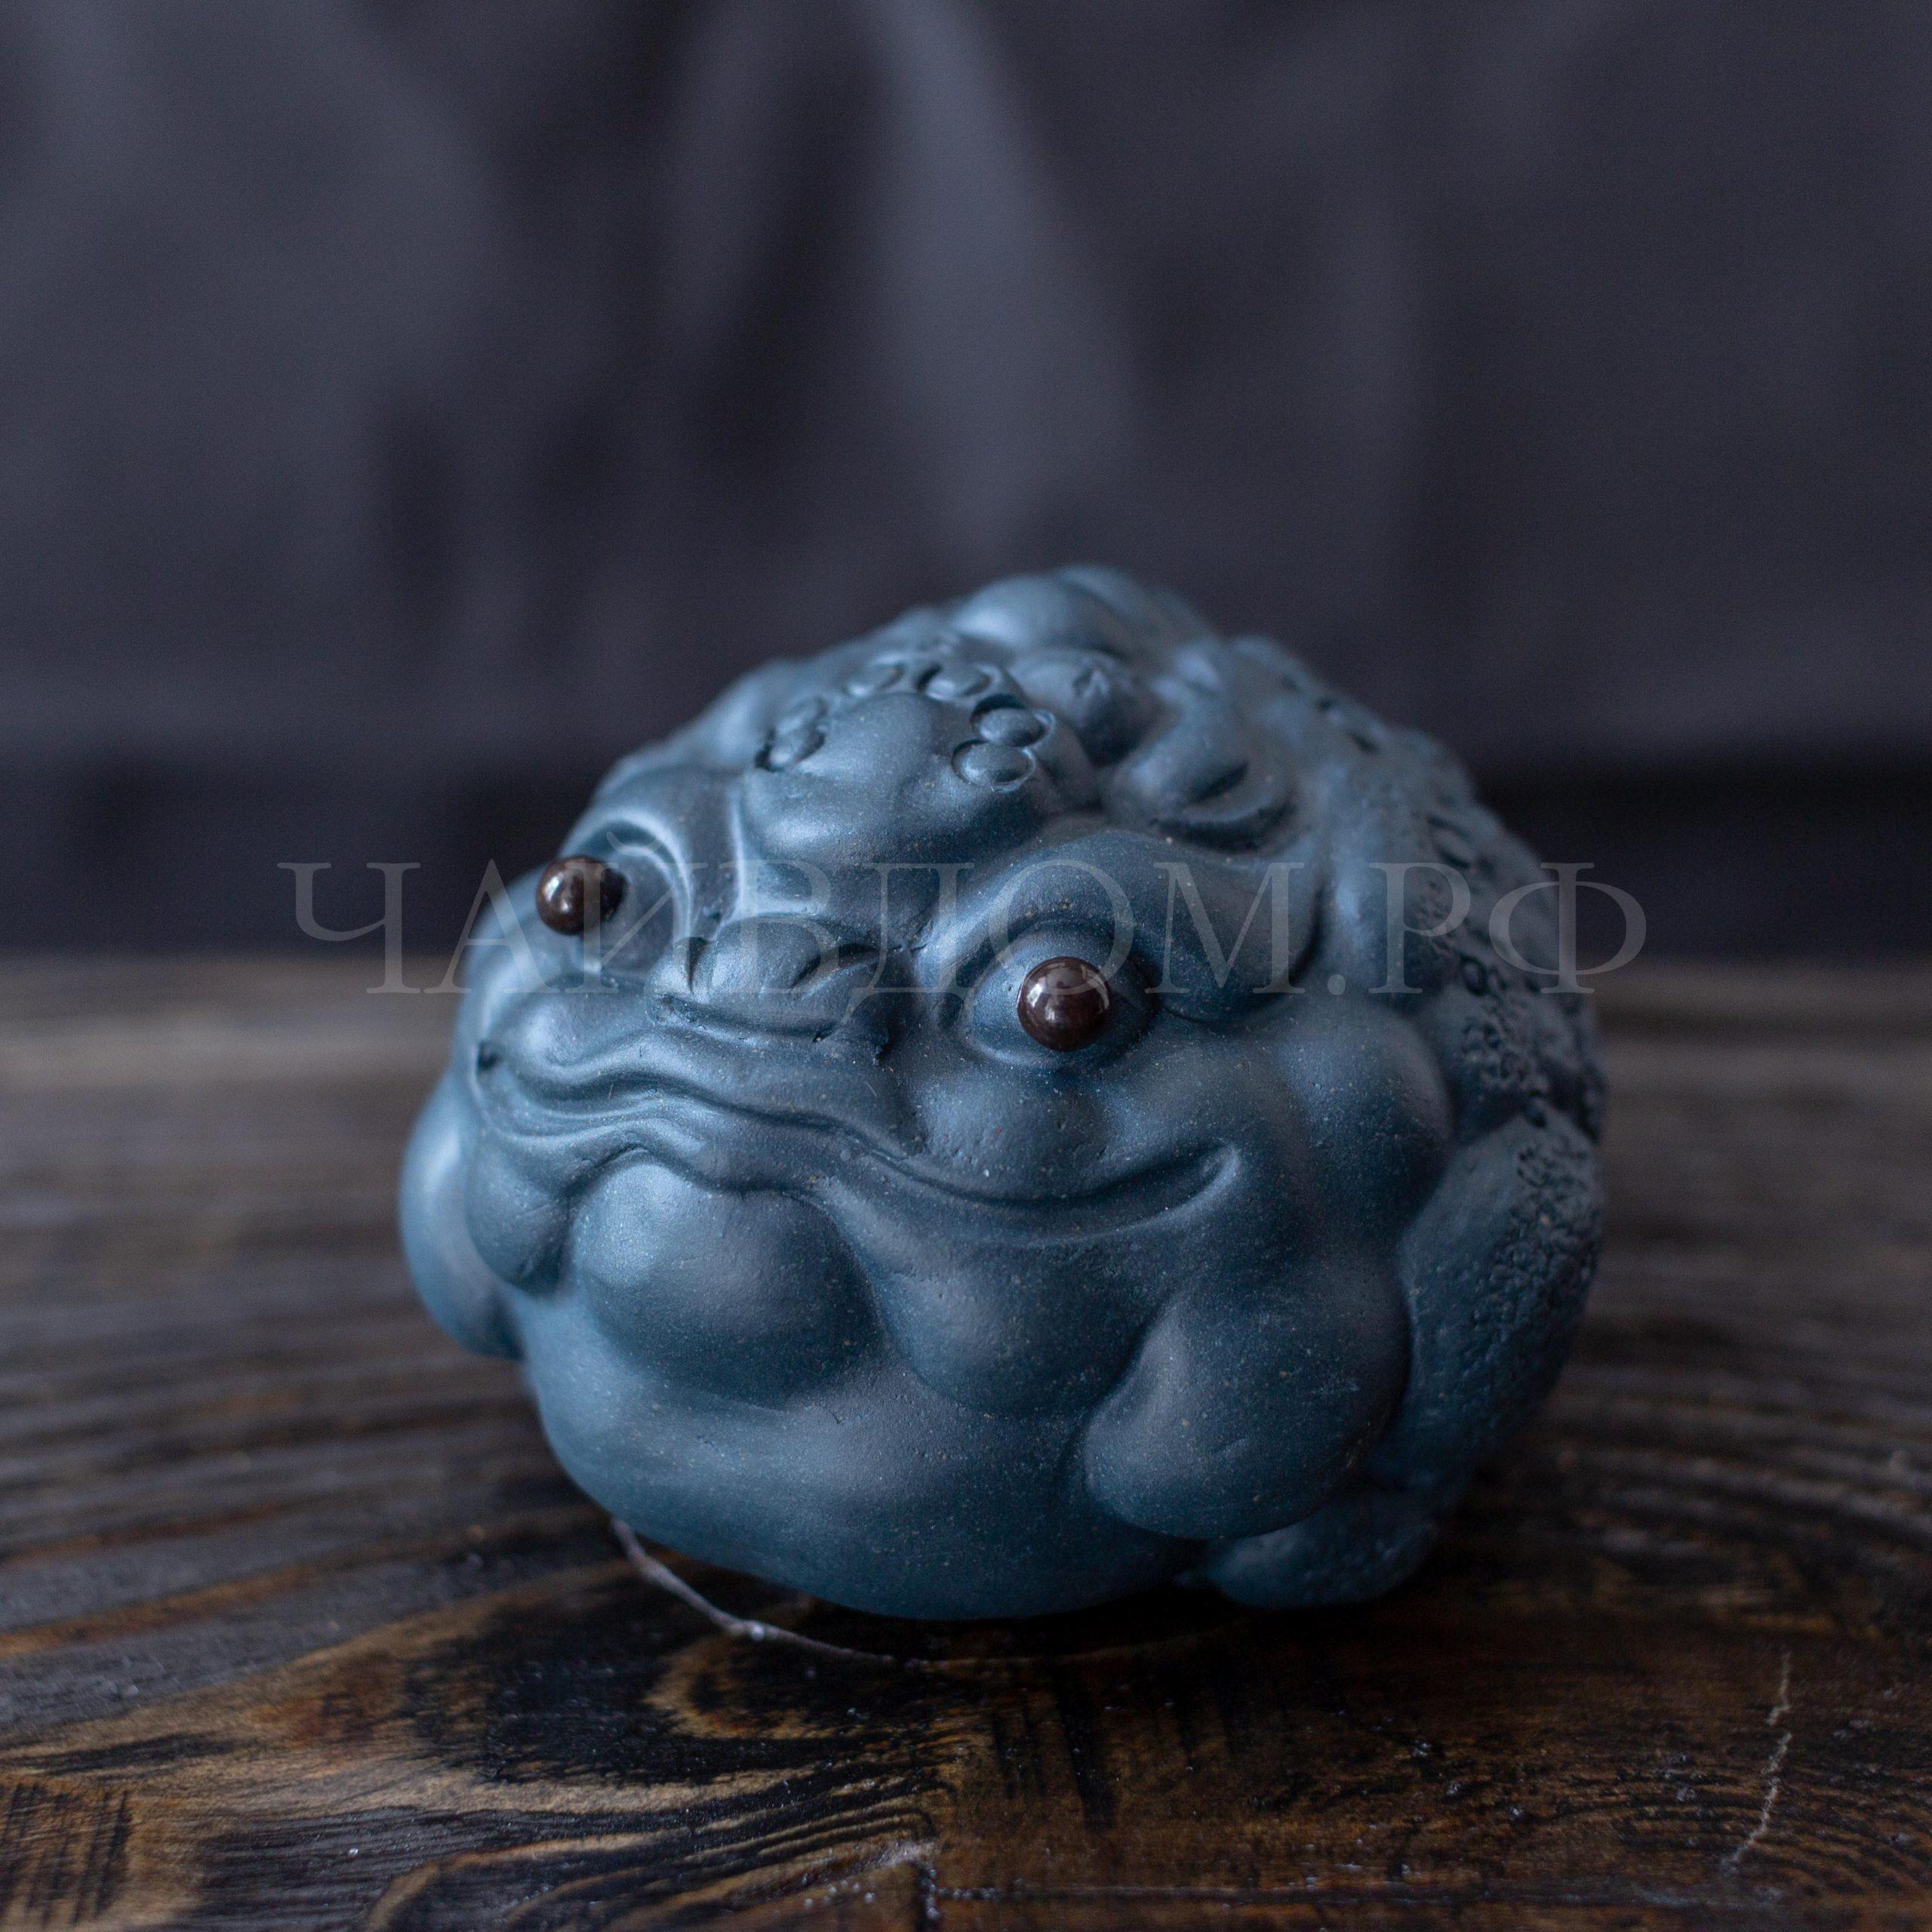 чайная утварь игрушка питомец чай жаба глина тянь цин ни голубая глина